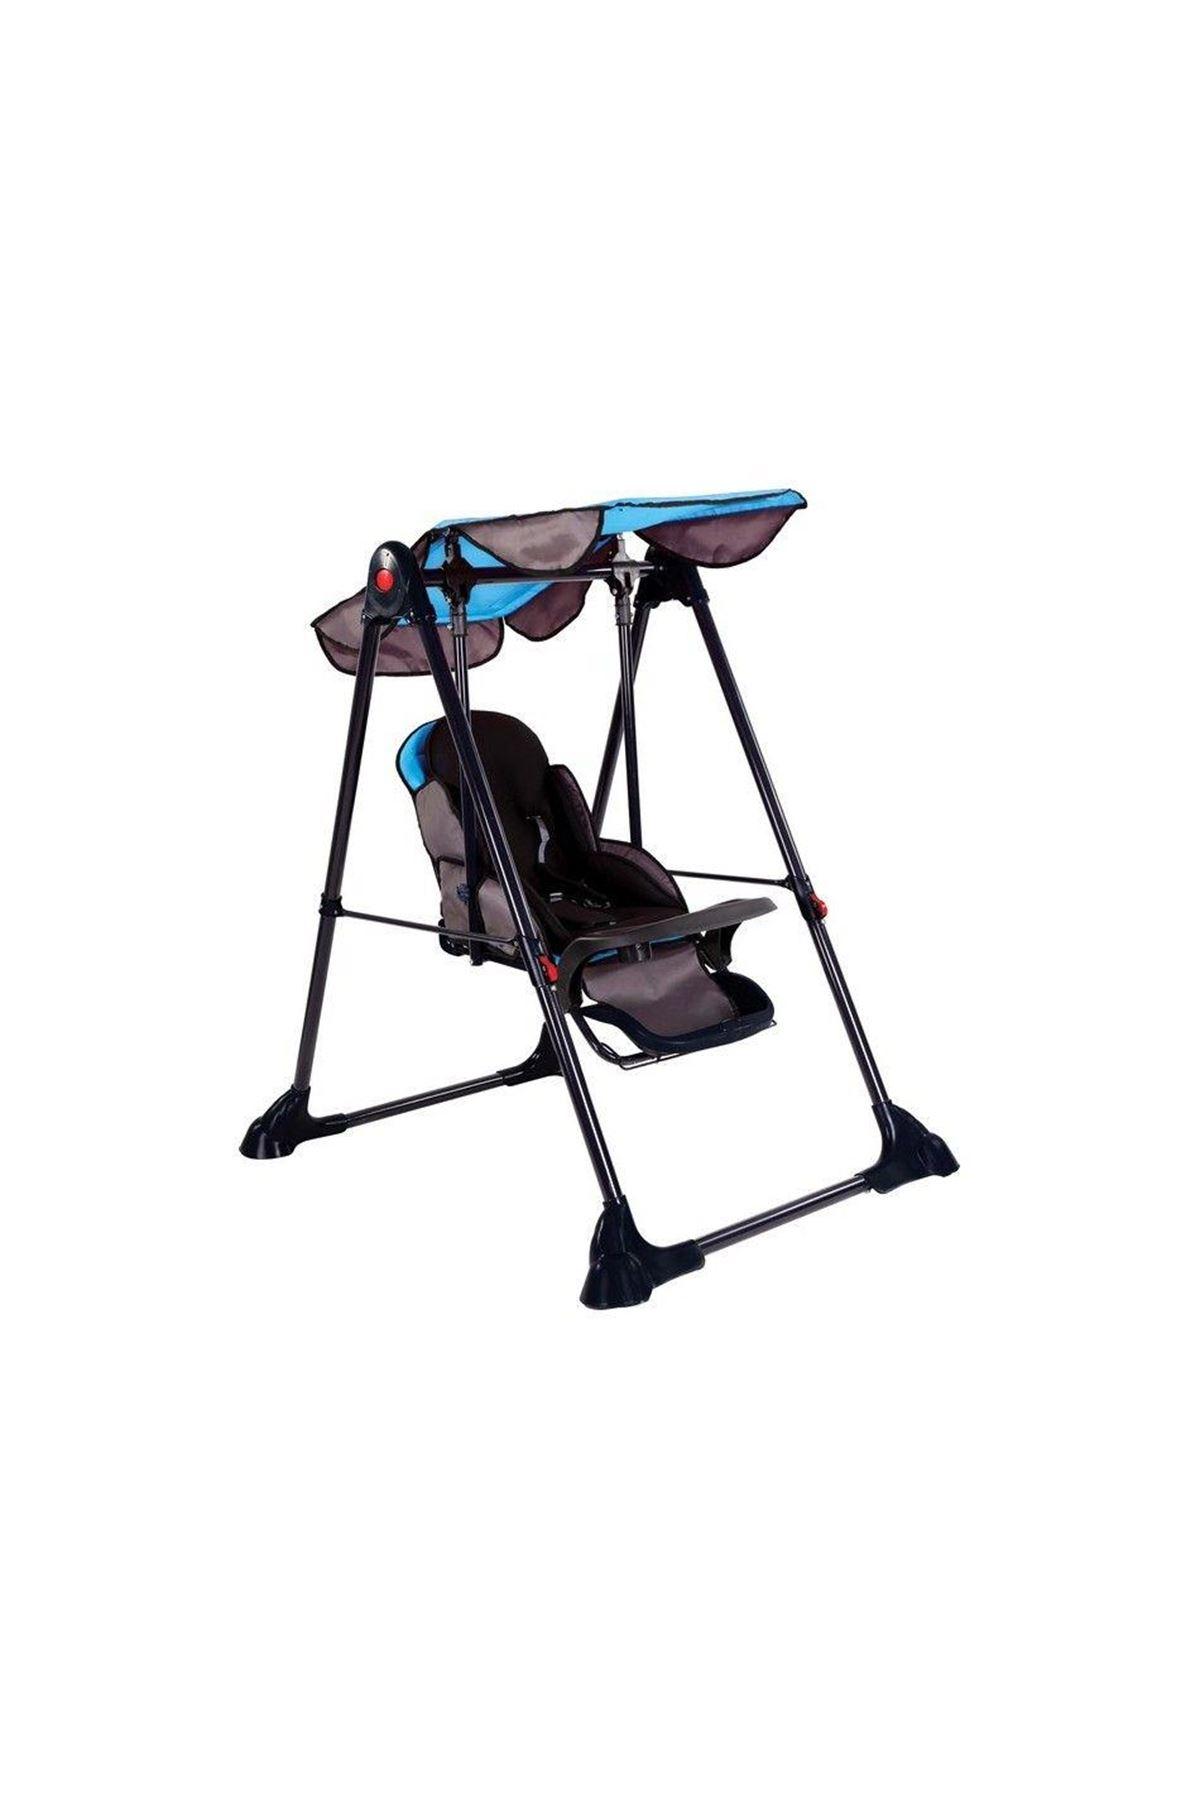 Babyhope 805 Baby Swing Bebek Salıncak Mavi-Siyah